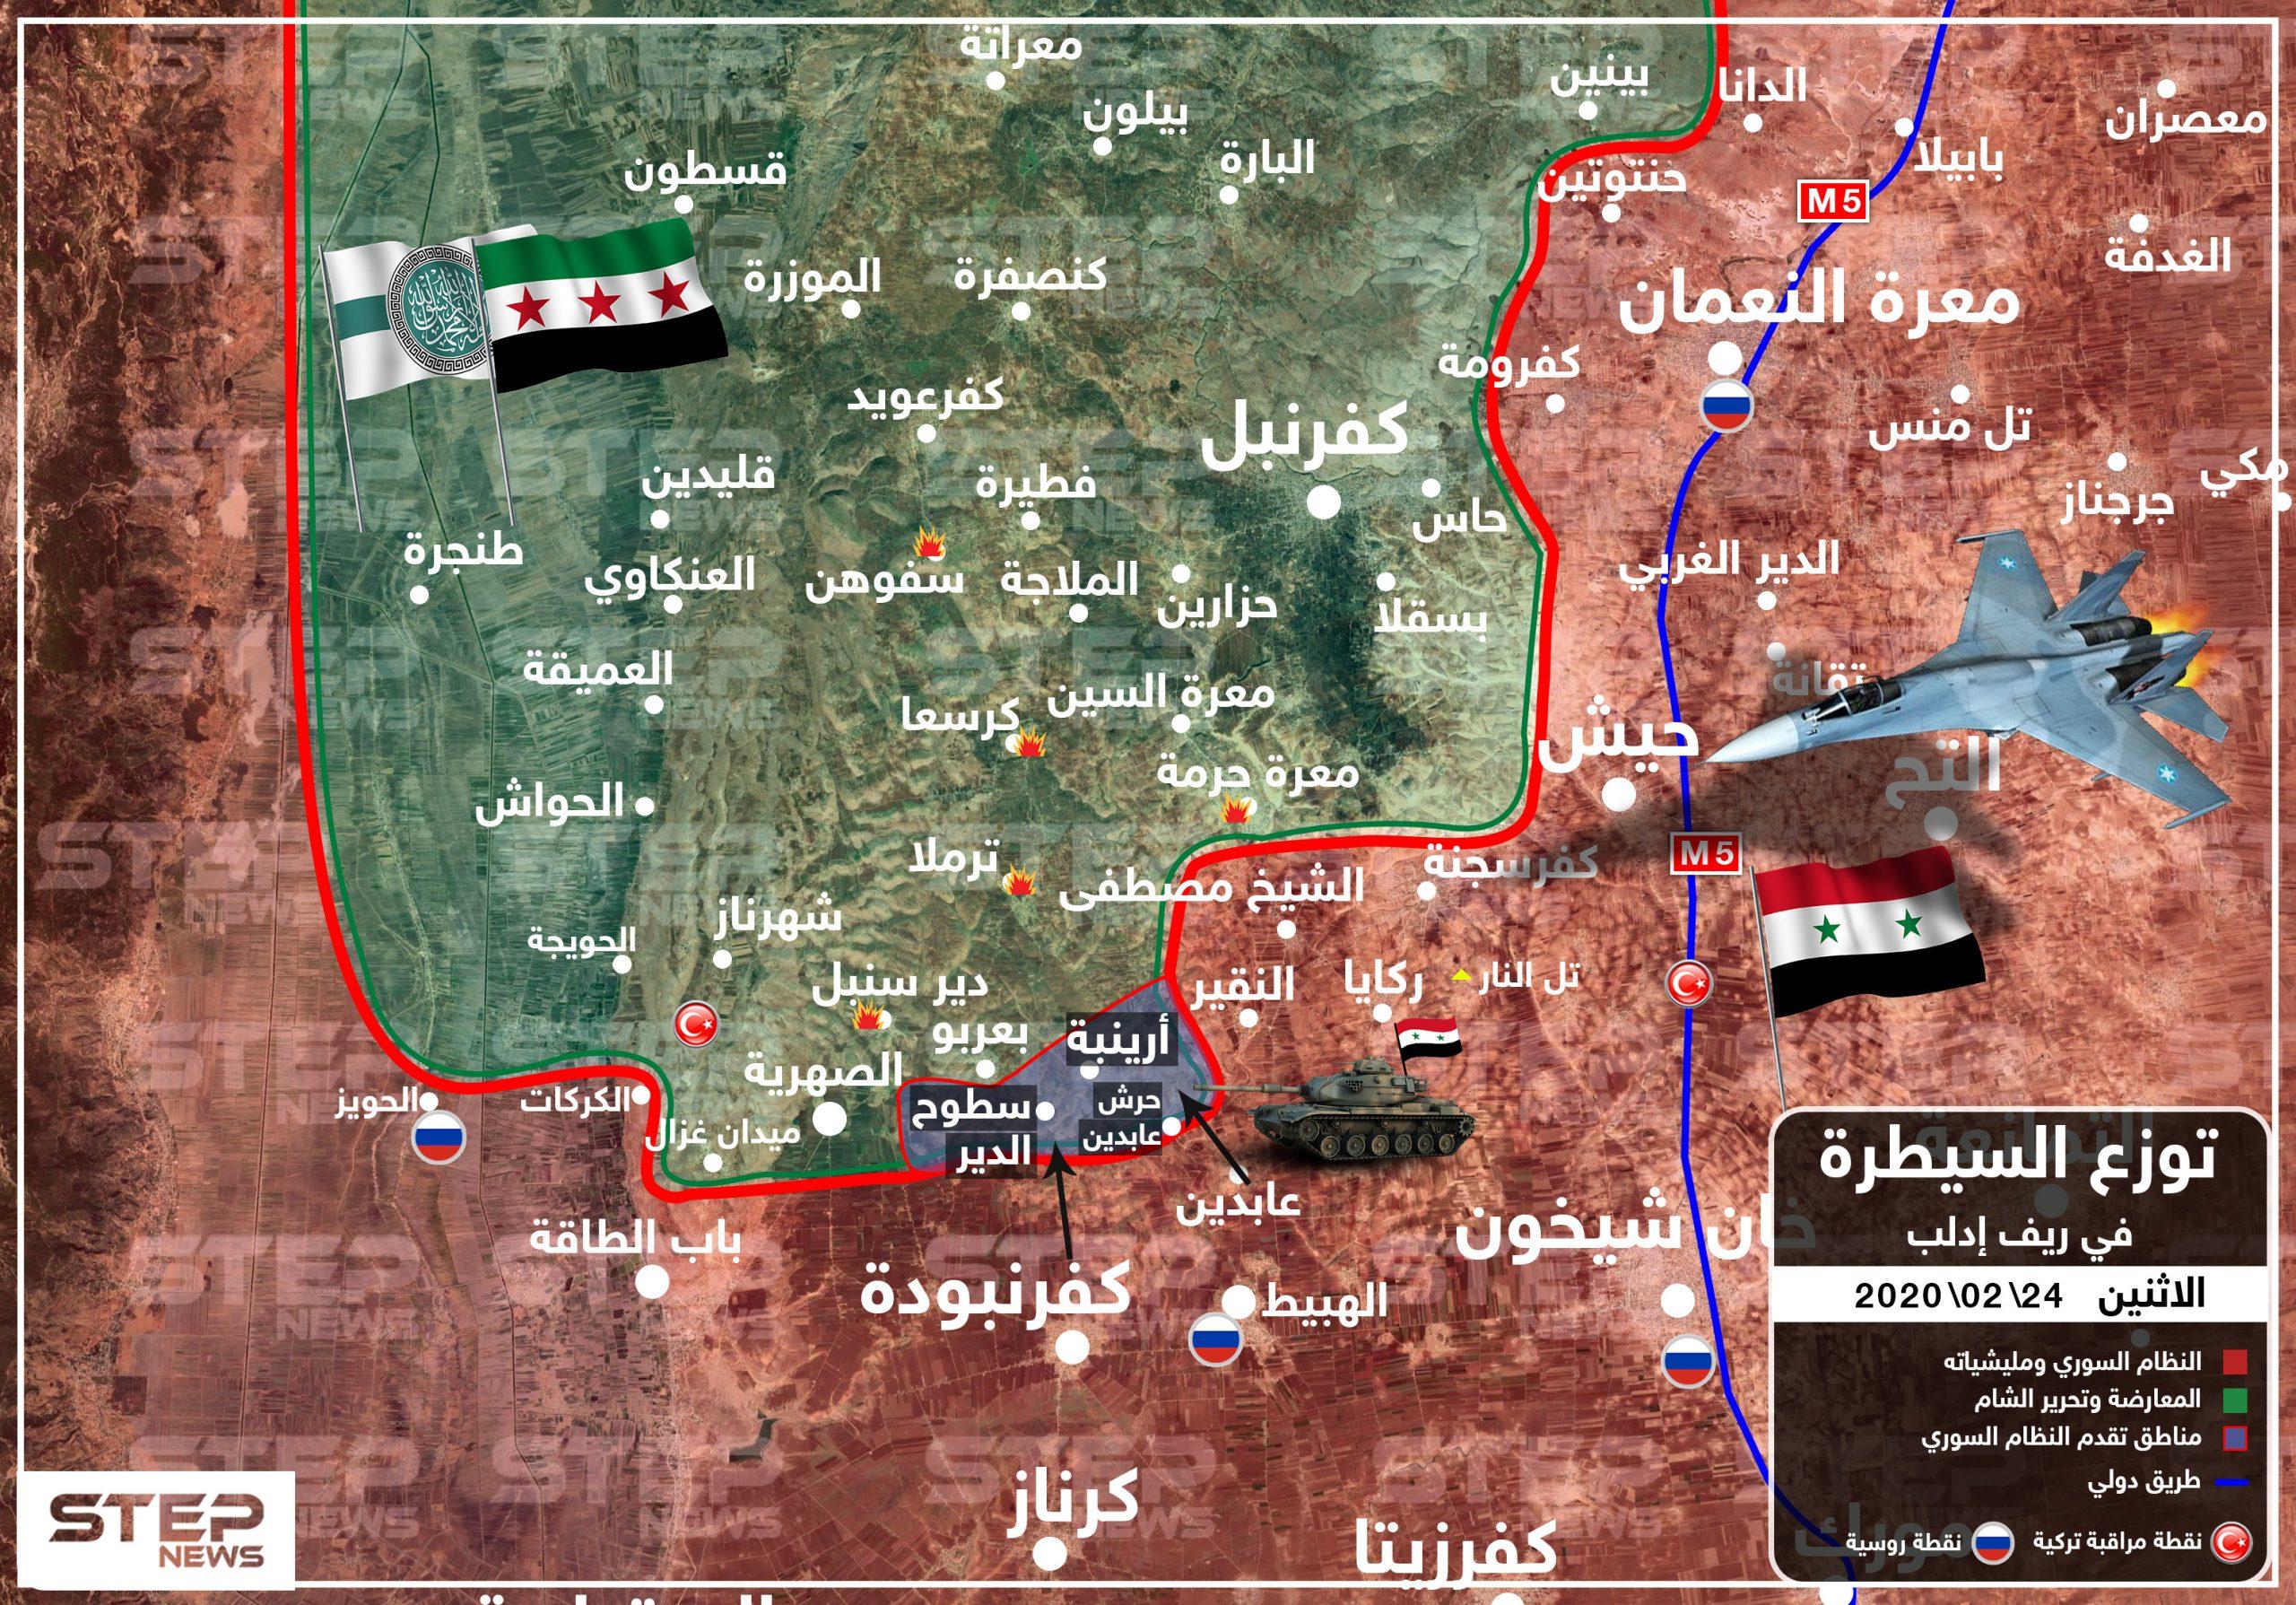 عاجل|| النظام السوري يتقدّم جنوبي إدلب وروسيا تستهدف النقاط التركية وتقتل عناصرها وتدمّر آلياتها (خريطة)